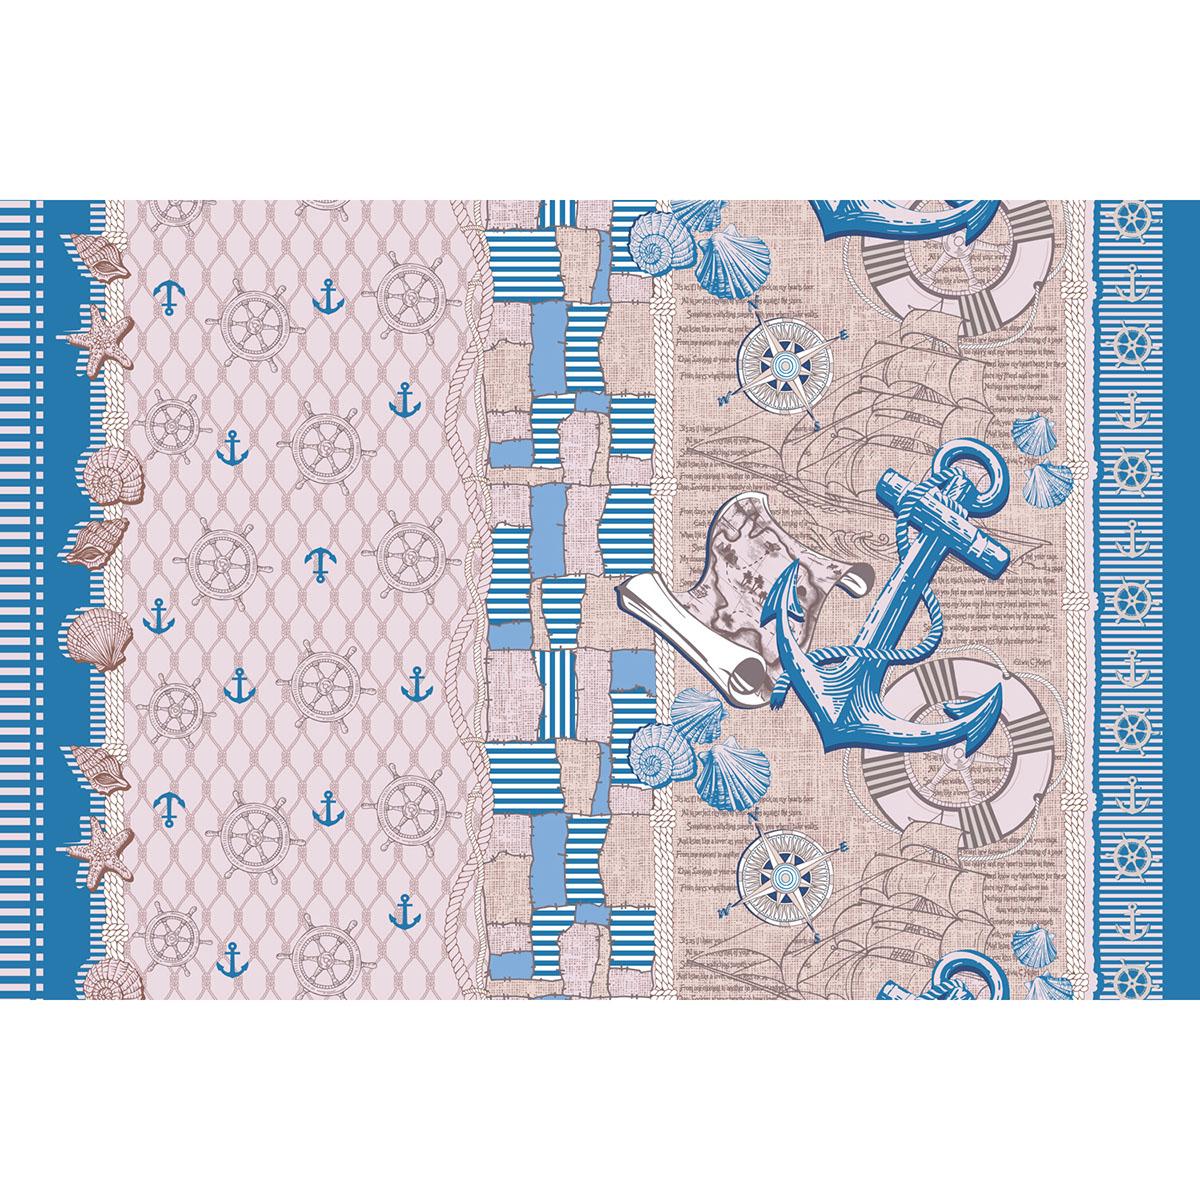 Вафельное полотенце 7 морей Банное, размер 100х150 см.Вафельные полотенца<br><br><br>Тип: Вафельное полотенце<br>Размер: 100х150<br>Материал: Вафельное полотно